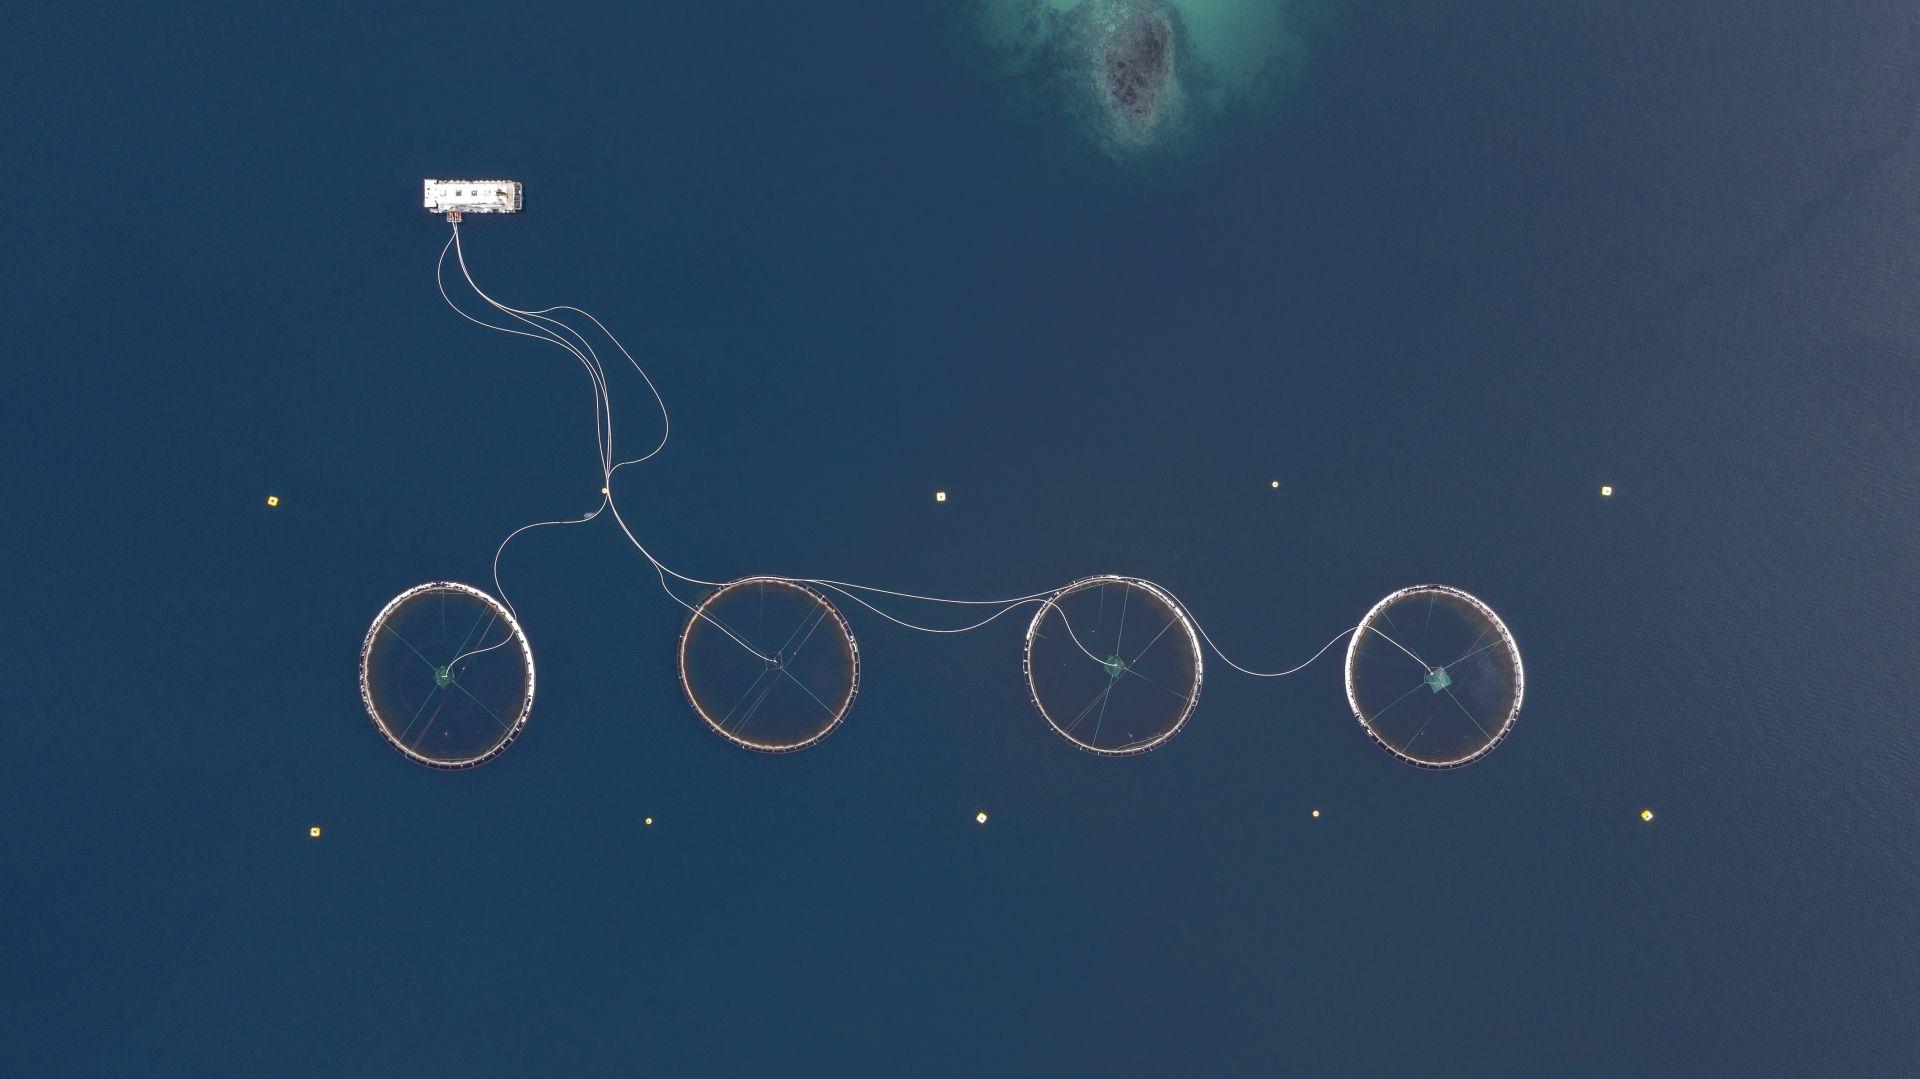 Fotó: Rácz Péter: Űrlény négykerekű biciklivel<br />Norvégia 1960-ban elsőként hozott létre halgazdaságokat, ahol úszó ketrecekben tenyésztett lazacokat. Ma már számos ilyen haltelep található a fjordokban. Ezekkel a telepekkel próbálják kielégíteni folyamatosan a növekvő igényeket. A Föld teljes lazactermelésének 2/3-át ilyen akvakultúrák adják.<br /><br />Kezünkben a Föld<br />1. díj<br />